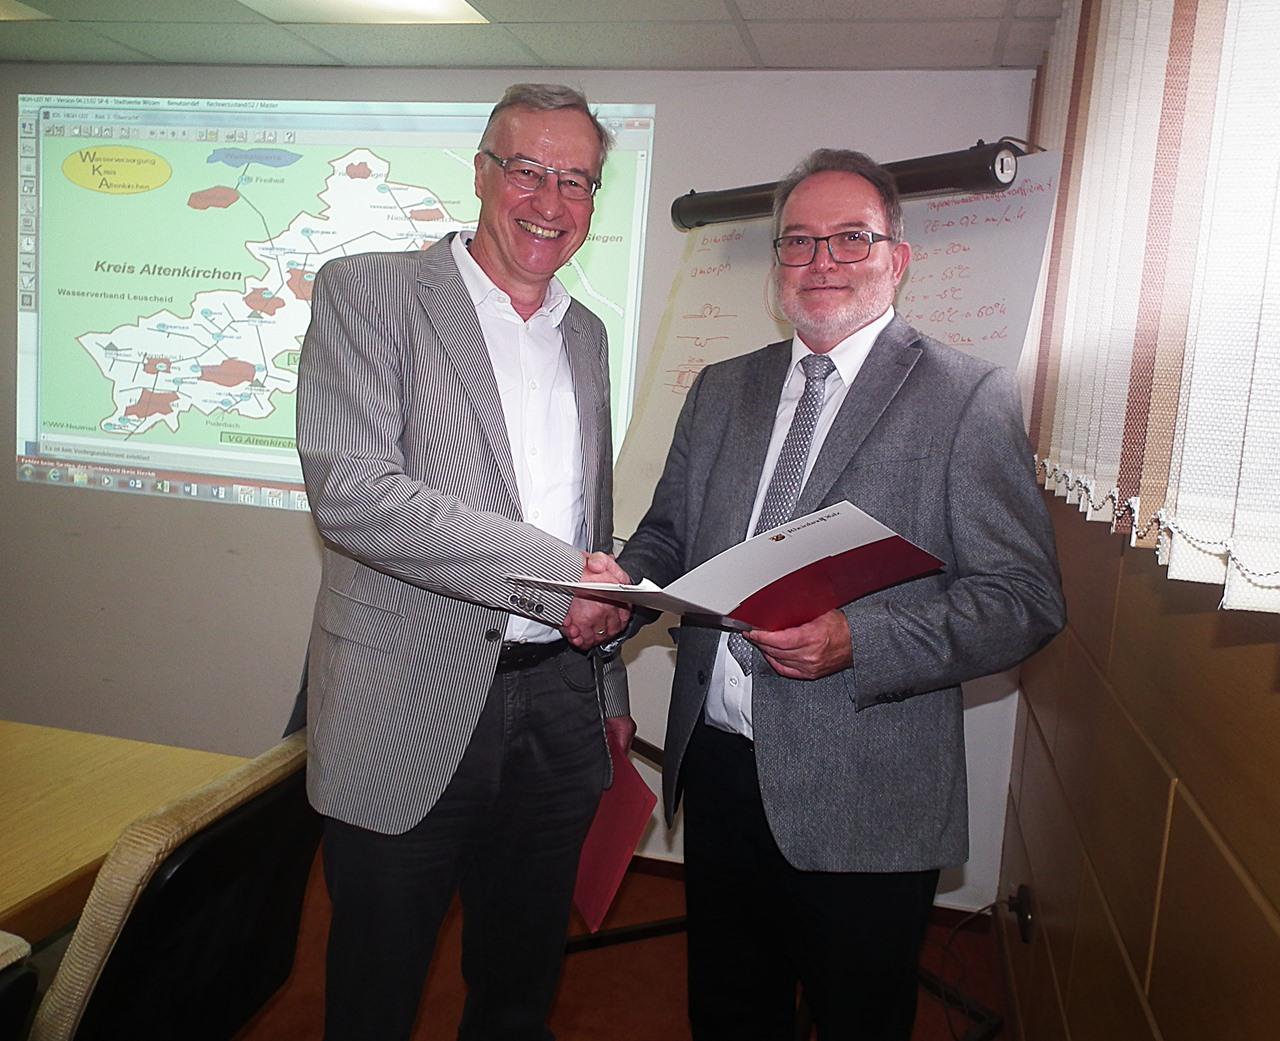 Umweltstaatssekretär Griese übergibt Zuschuss für Wasserversorgung im Kreis Altenkirchen